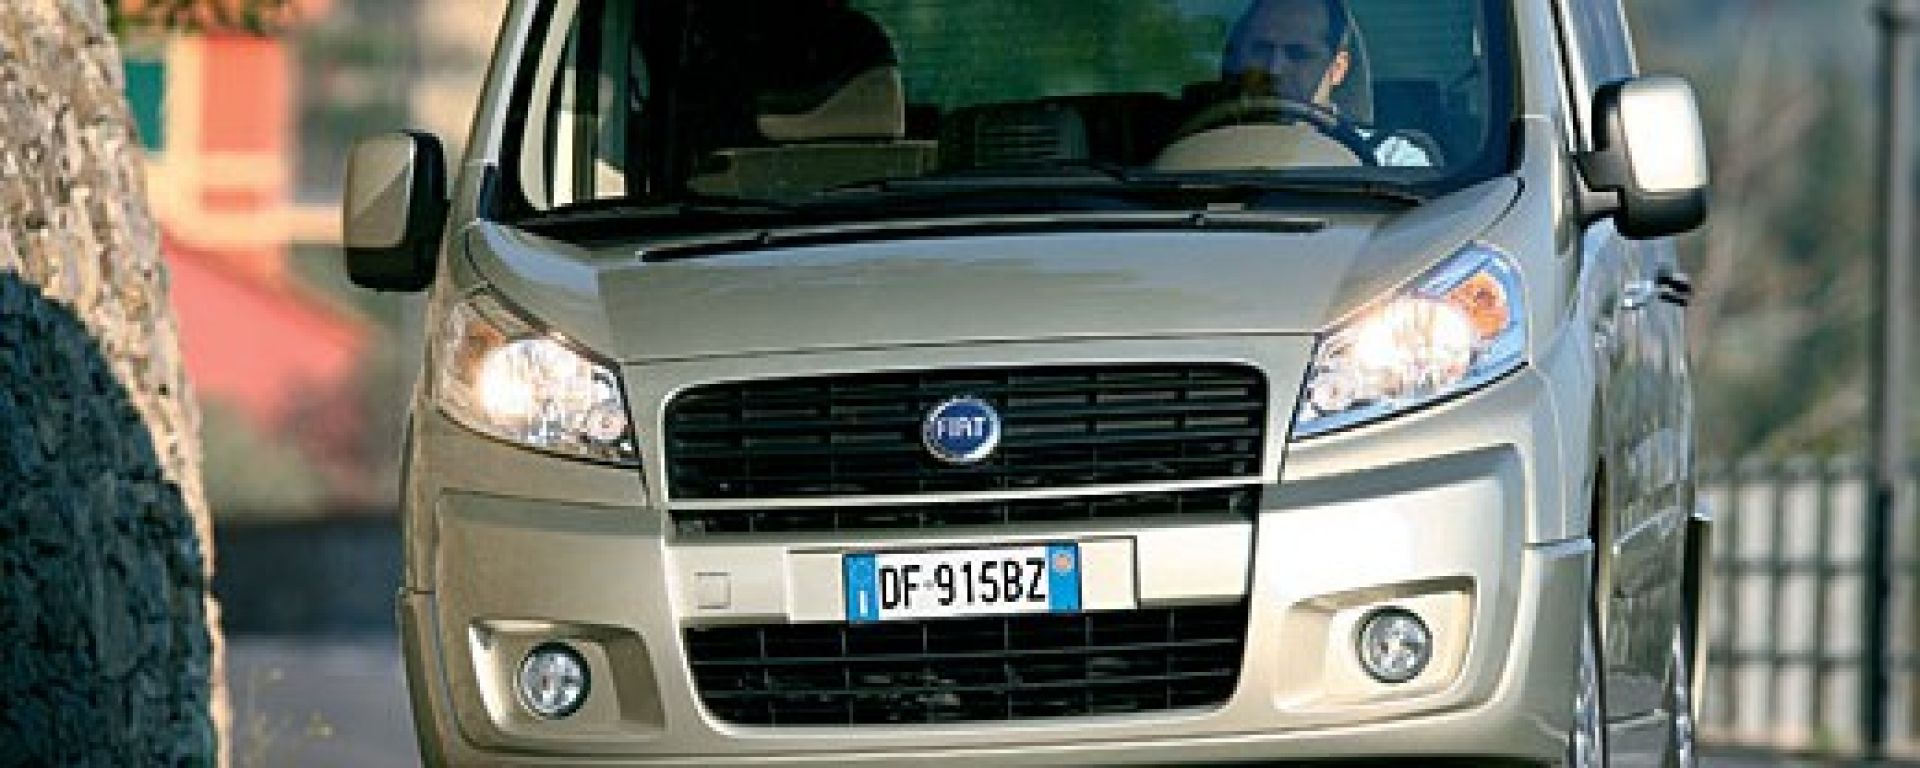 Fiat Nuovo Scudo Panorama